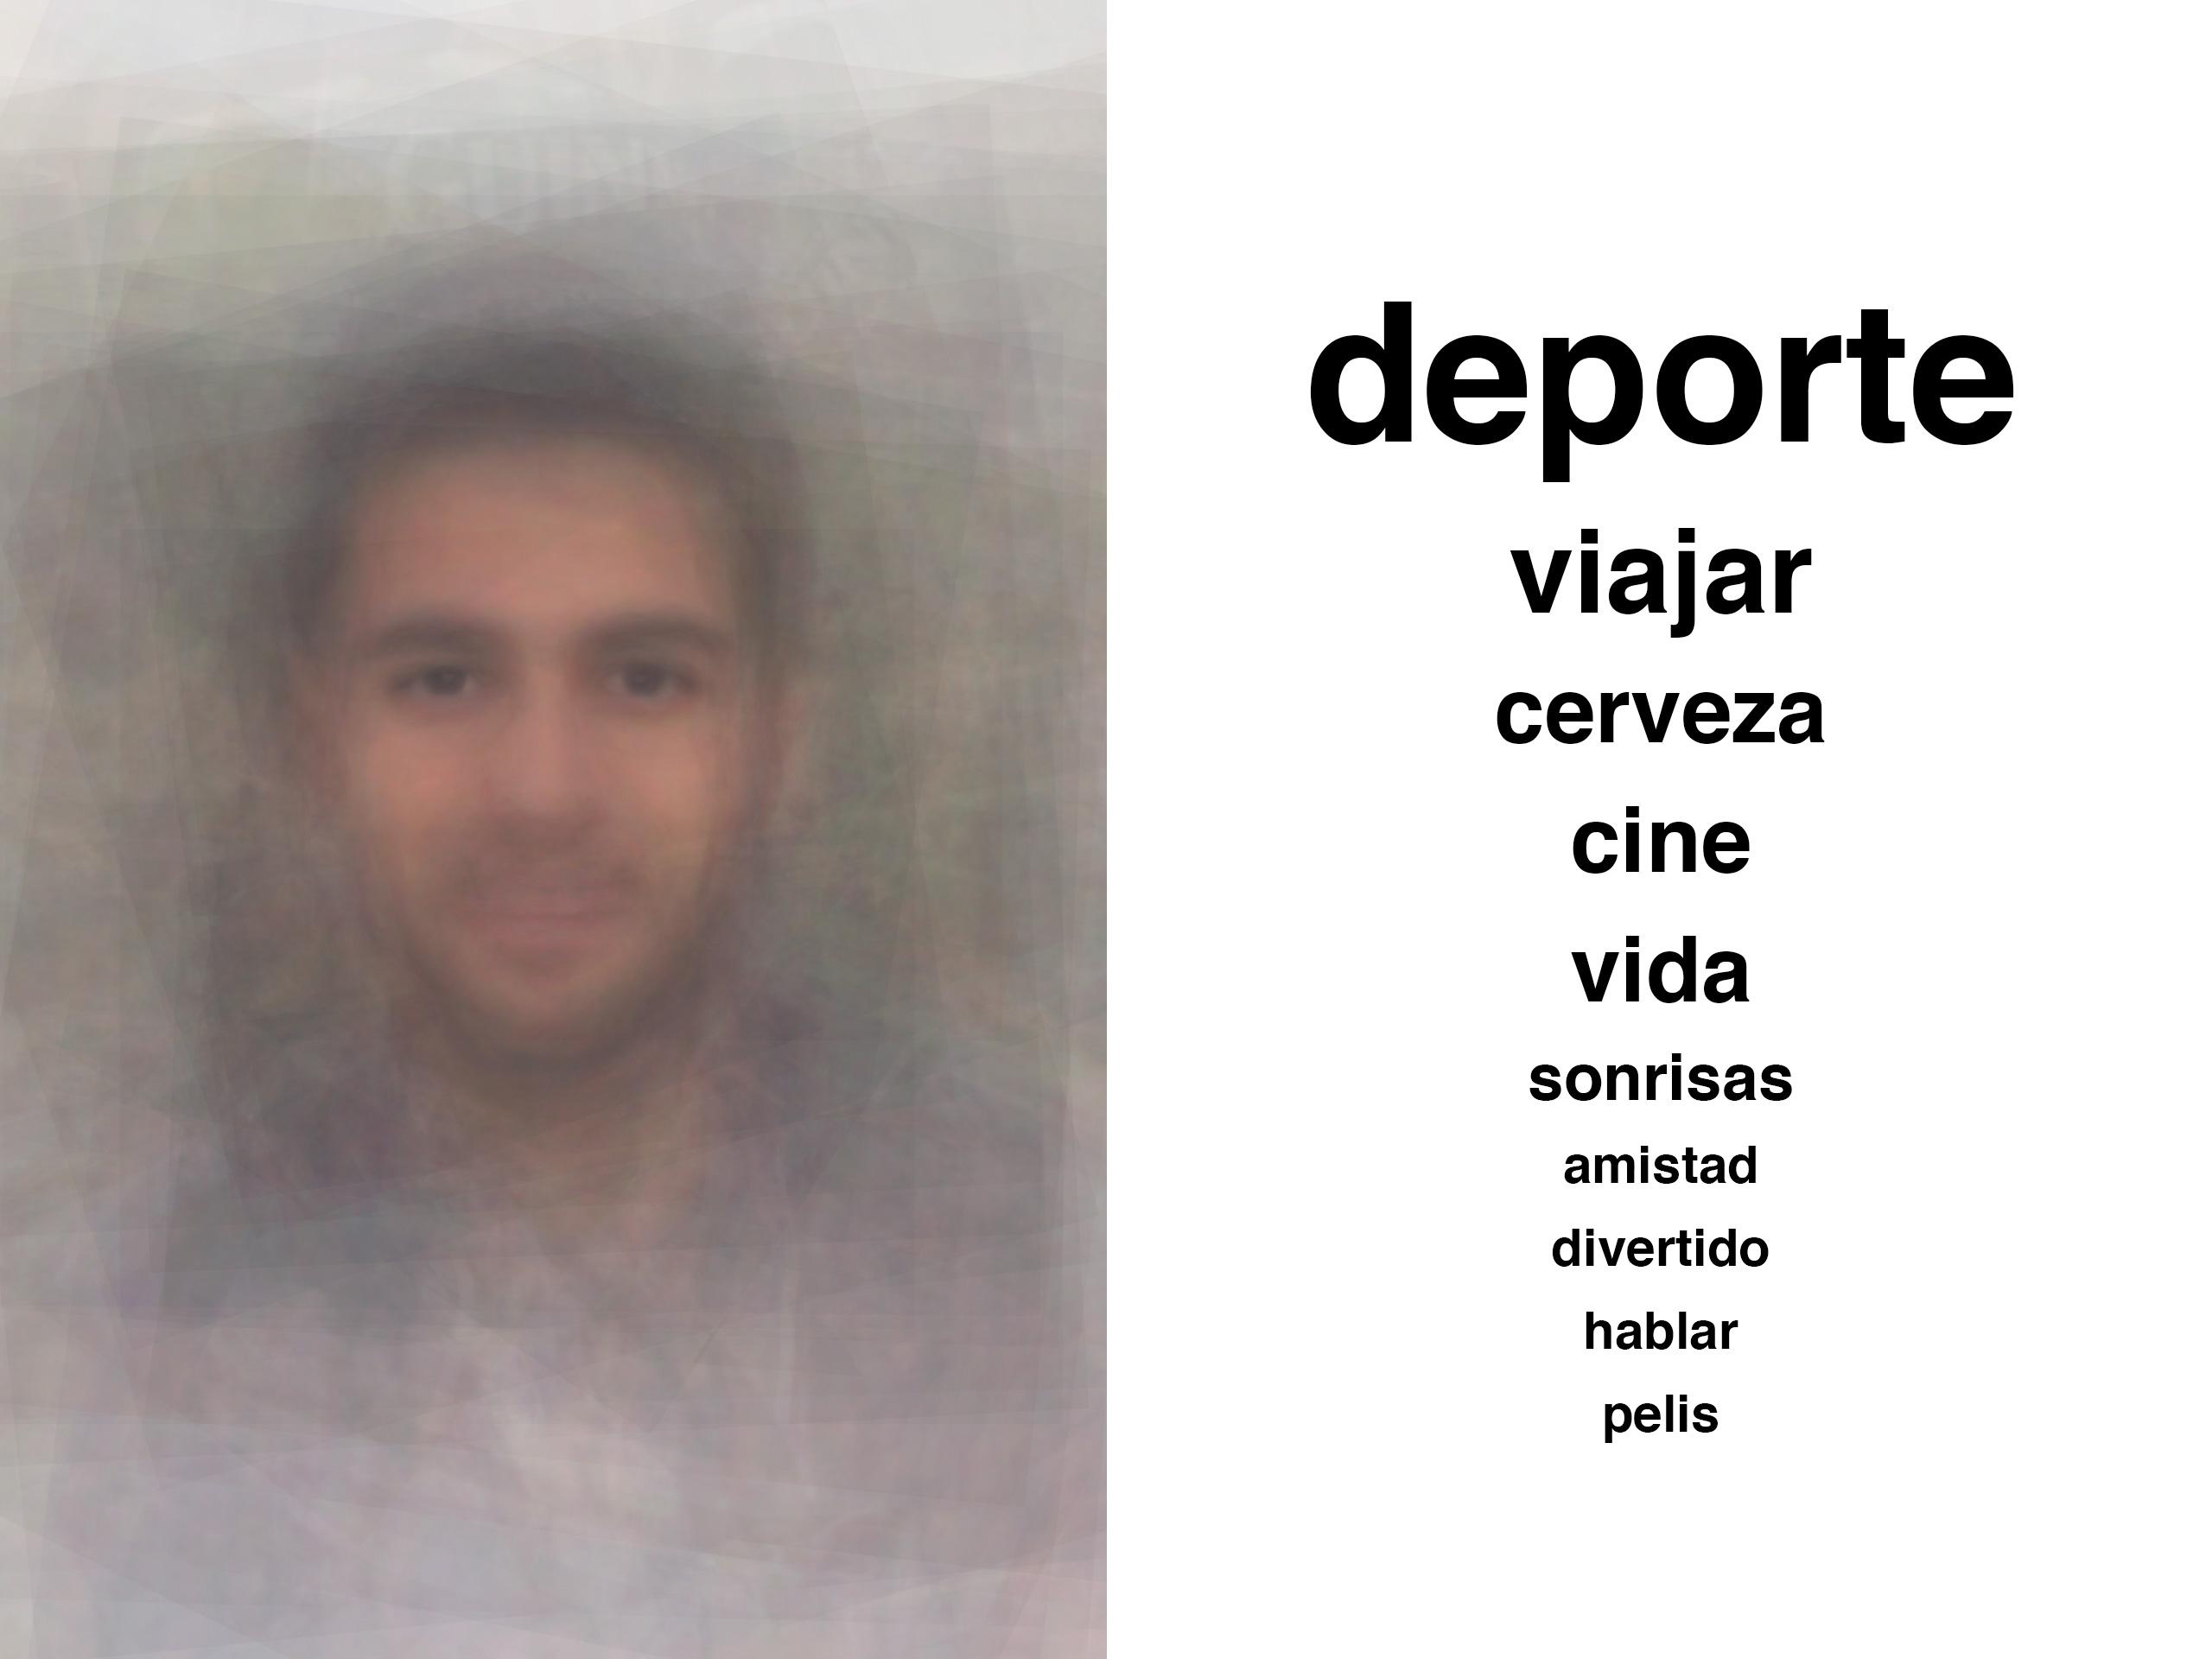 AlejandroRod_HbM_cara